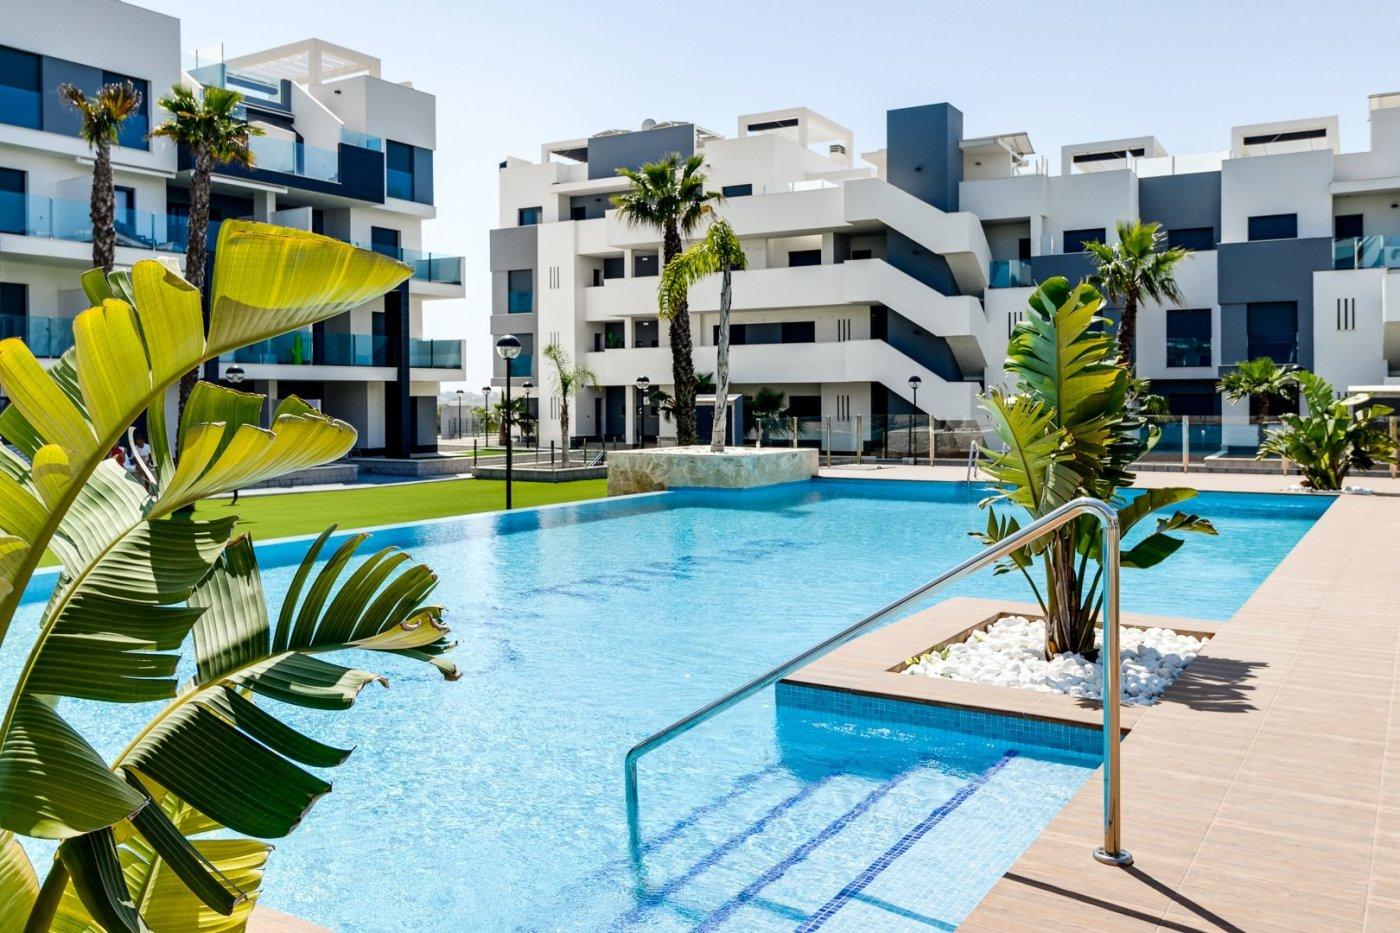 Nuevo complejo residencial en el raso (guardamar)!!! - imagenInmueble33